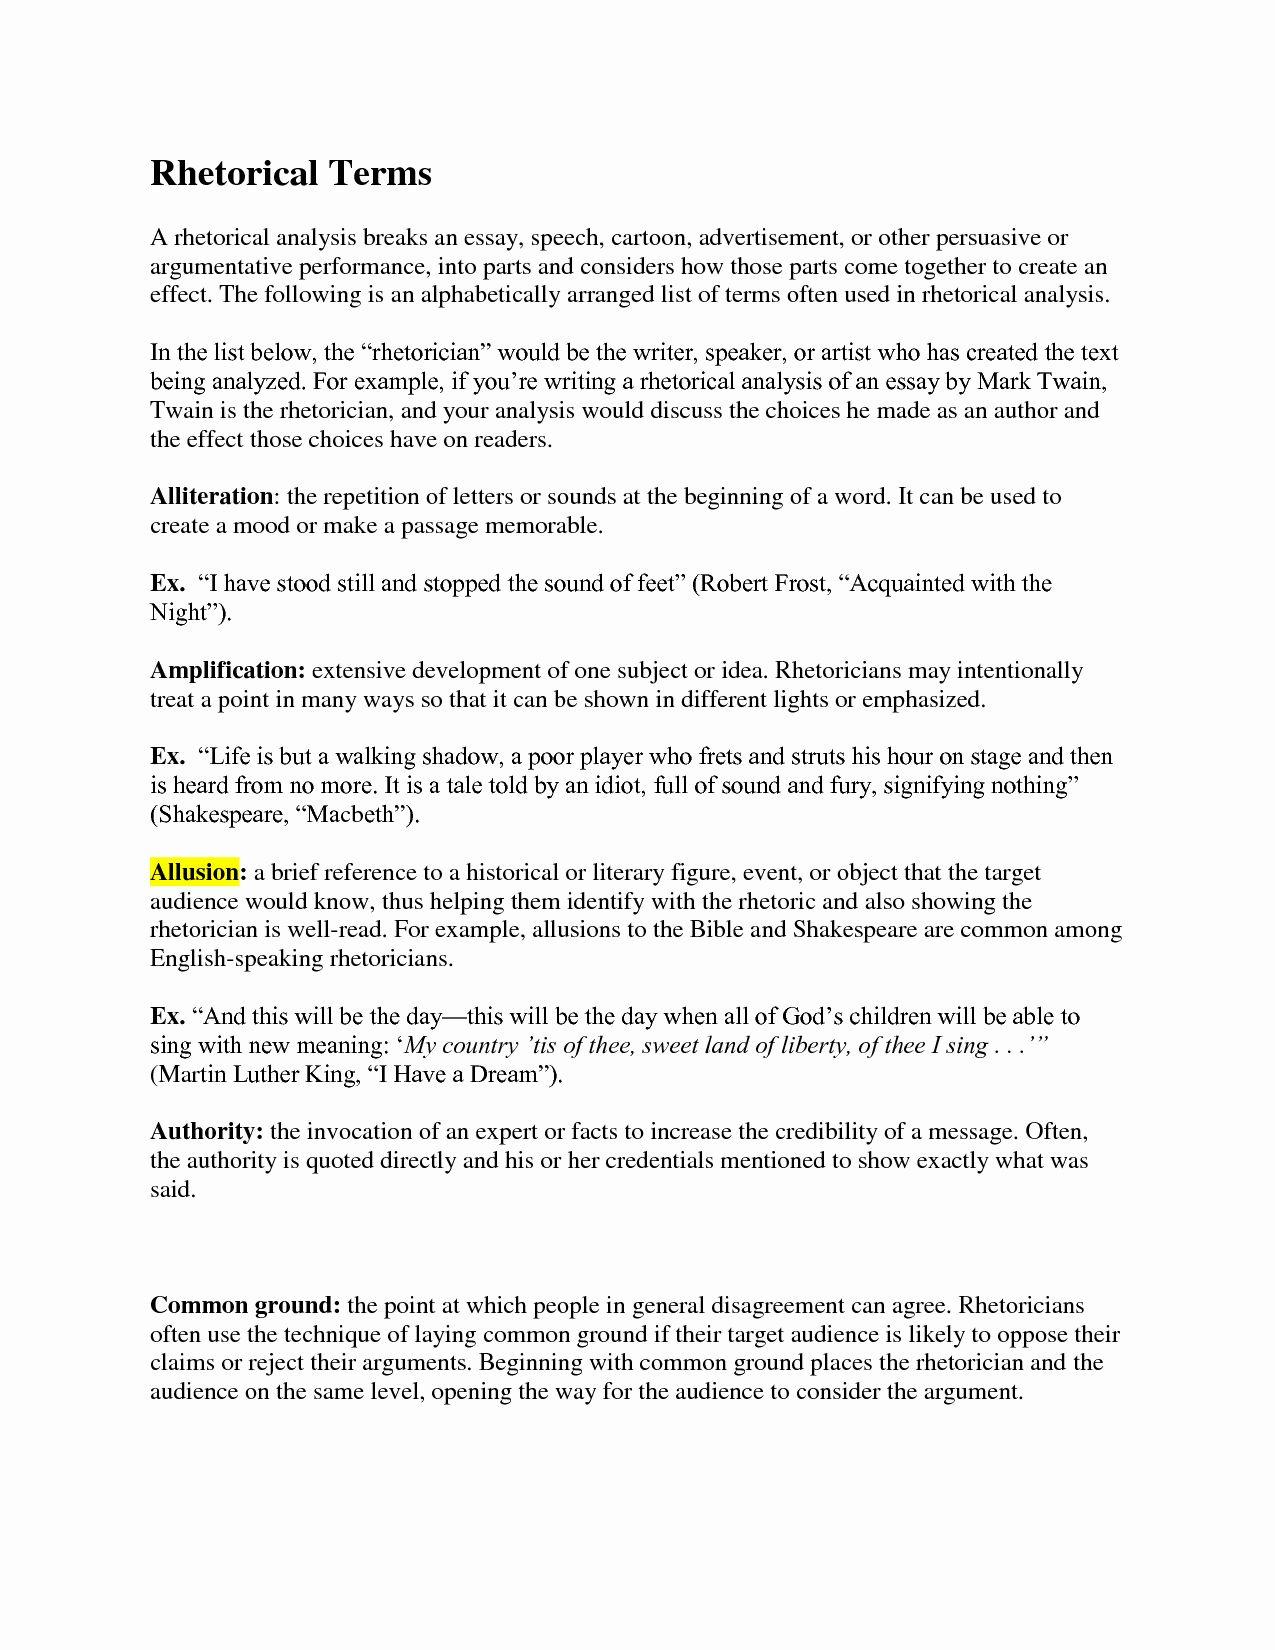 Advertisement Analysis Essay Sample Lovely Speech Analysis Template Rhetorical Analysis Rhetoric Cover Letter For Resume